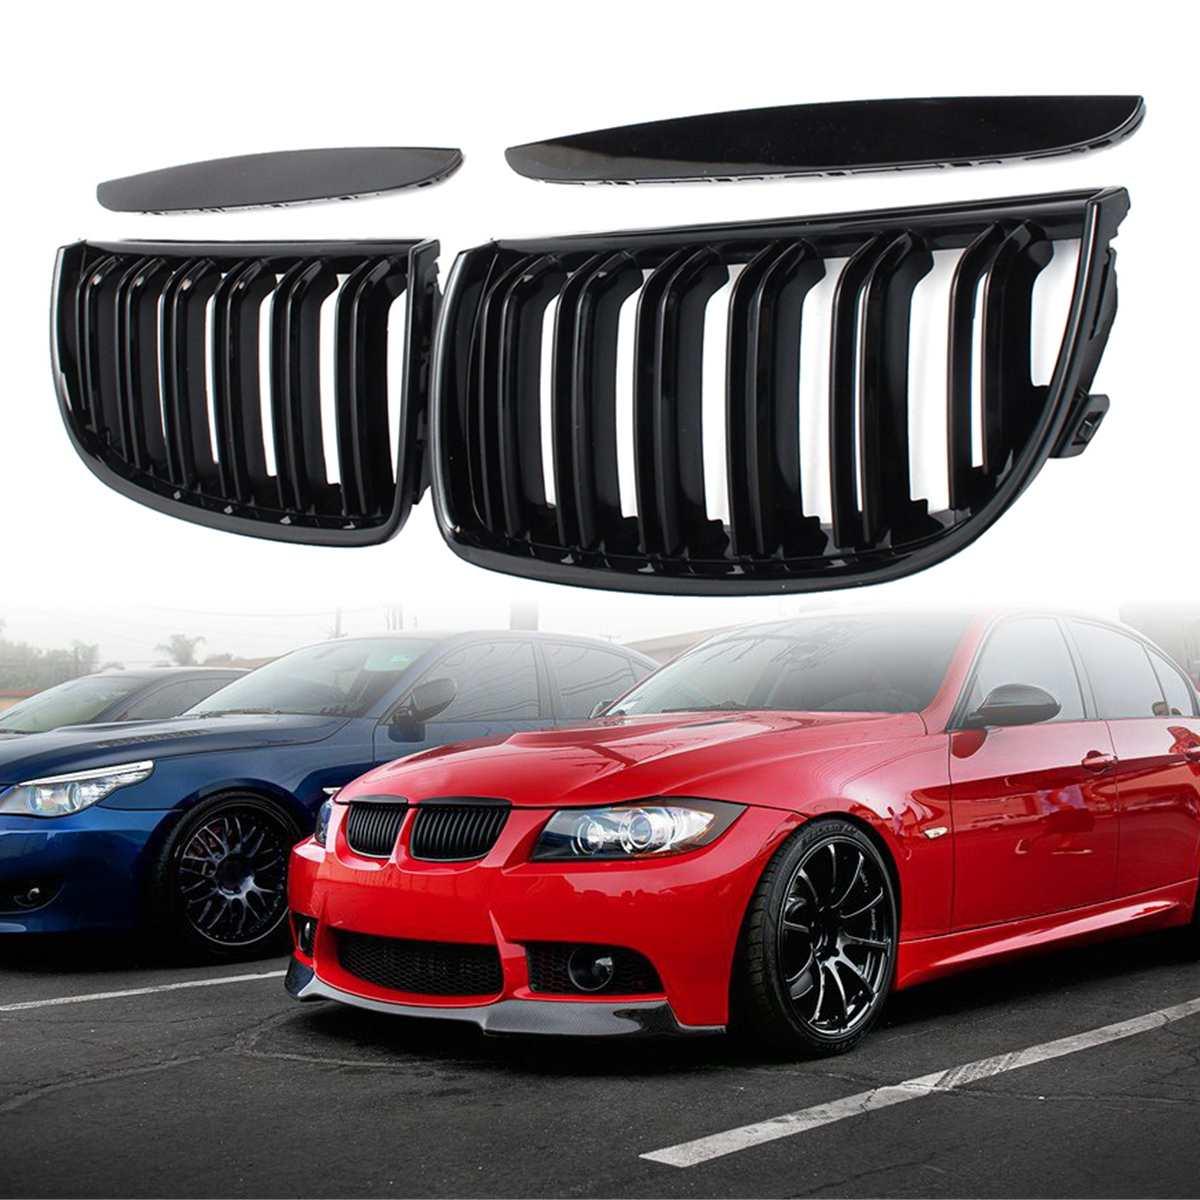 4 יחידות\סט זוג רכב מאט מבריק שחור M סגנון קדמי כליות כפול פסיס קבוצת סורג BMW E90 E91 2005 2006 2007 2008 גריל מירוץ